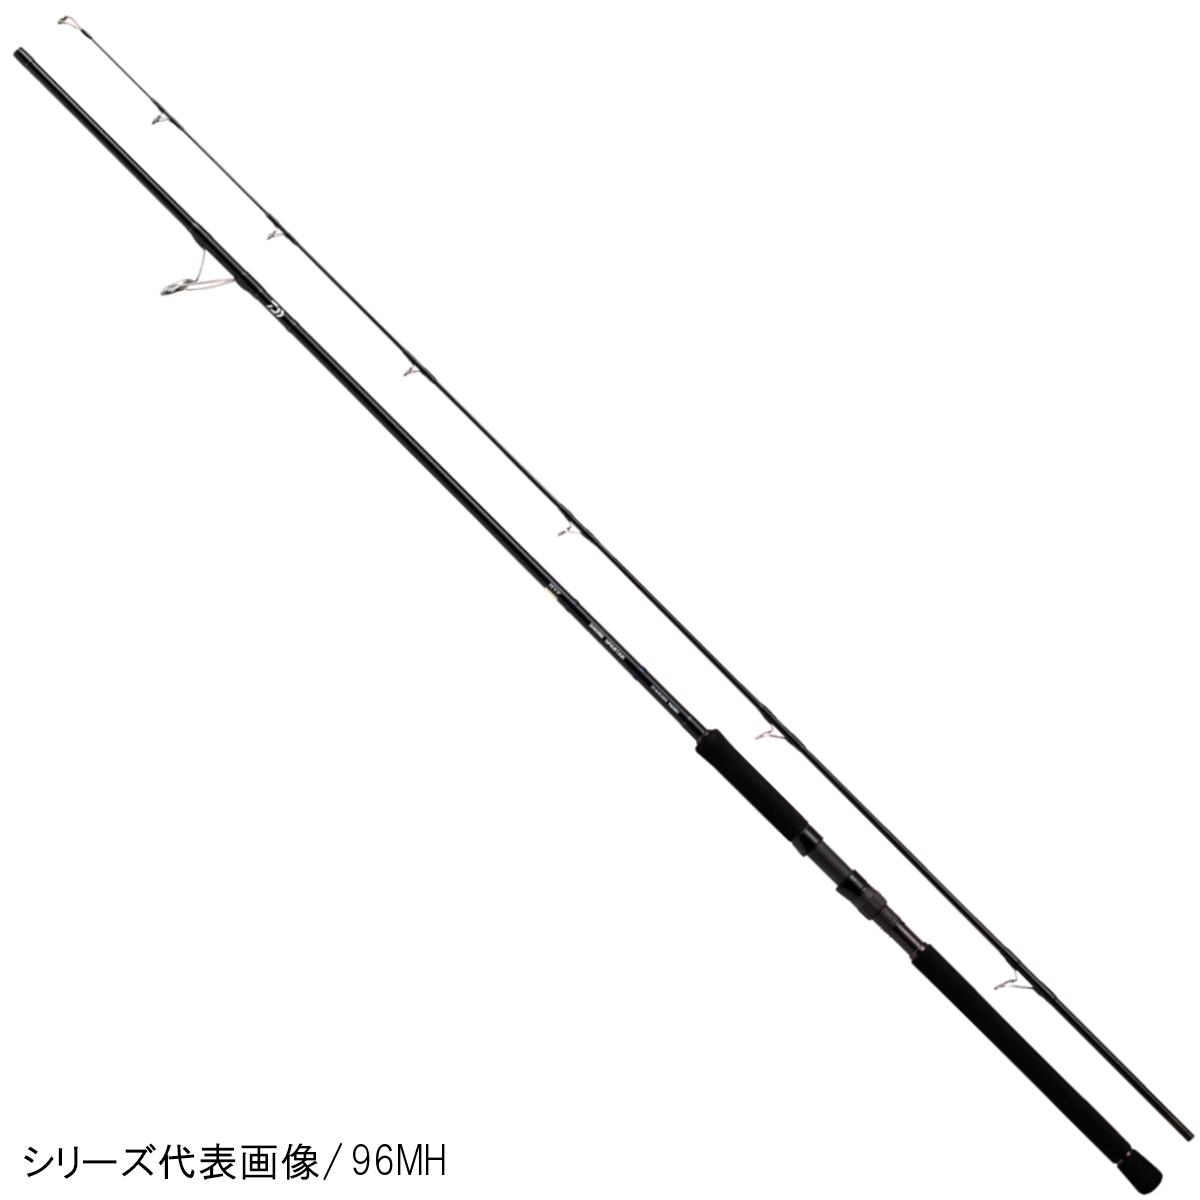 ダイワ ショアスパルタン スタンダード 100MH【大型商品】